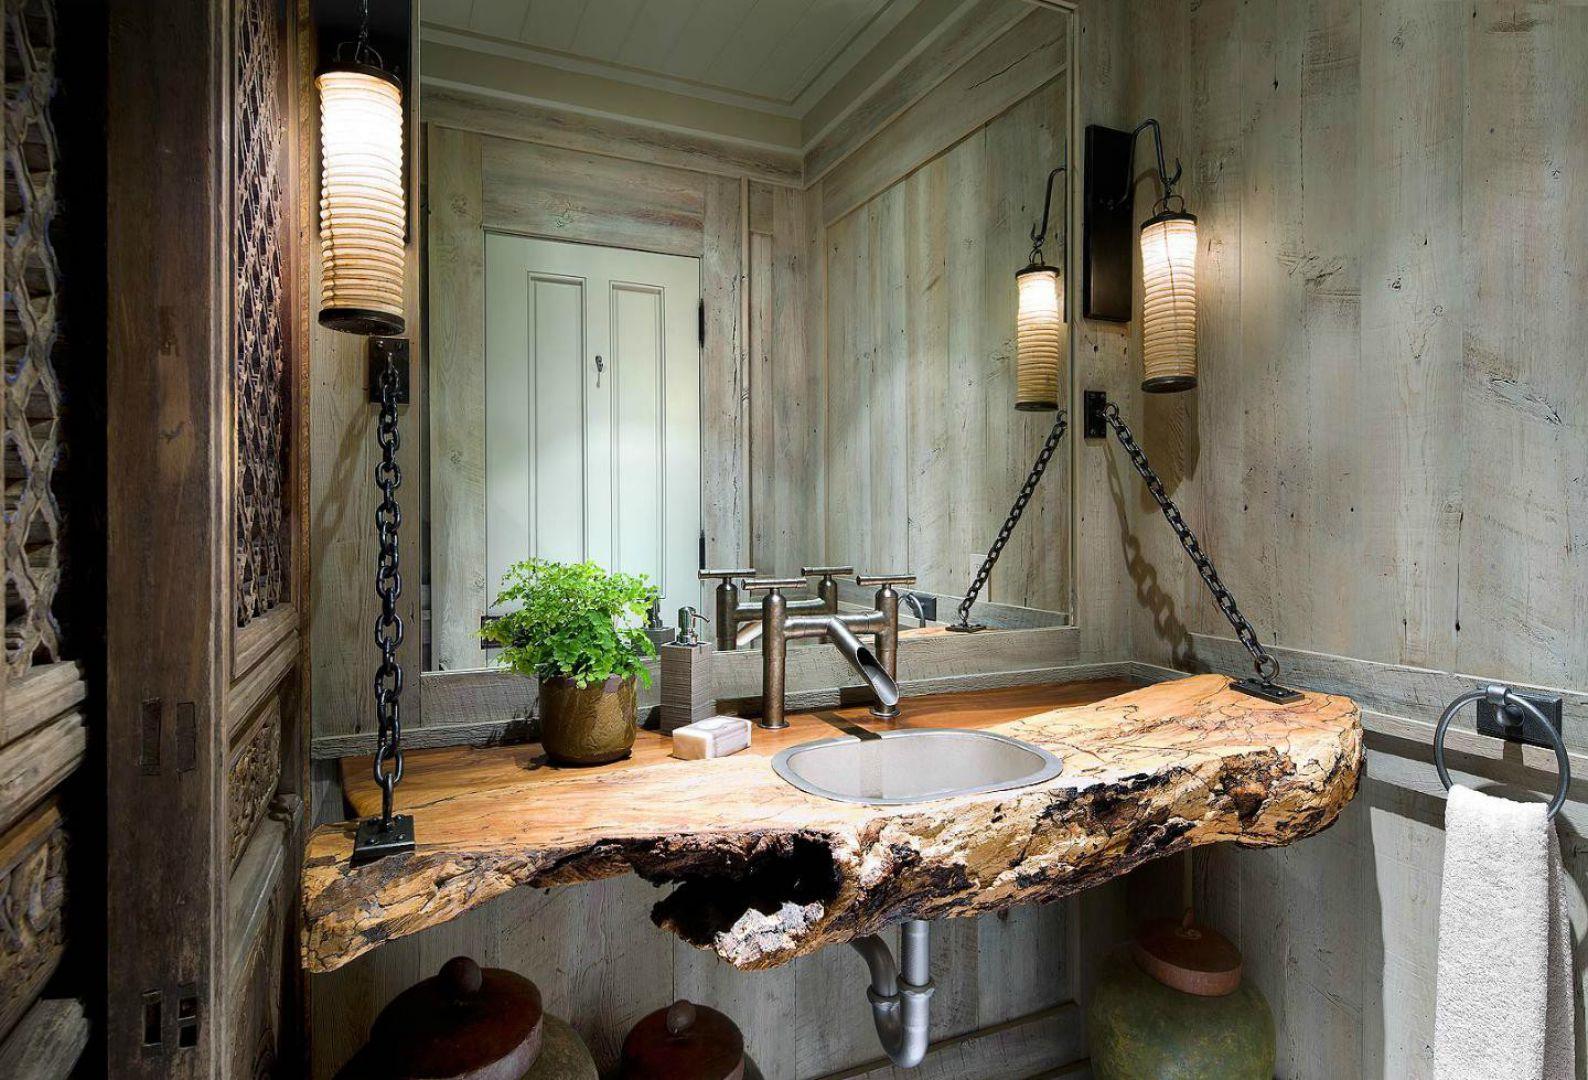 łazienka W Stylu Vintage Najładniejsze Wnętrza W Klimacie